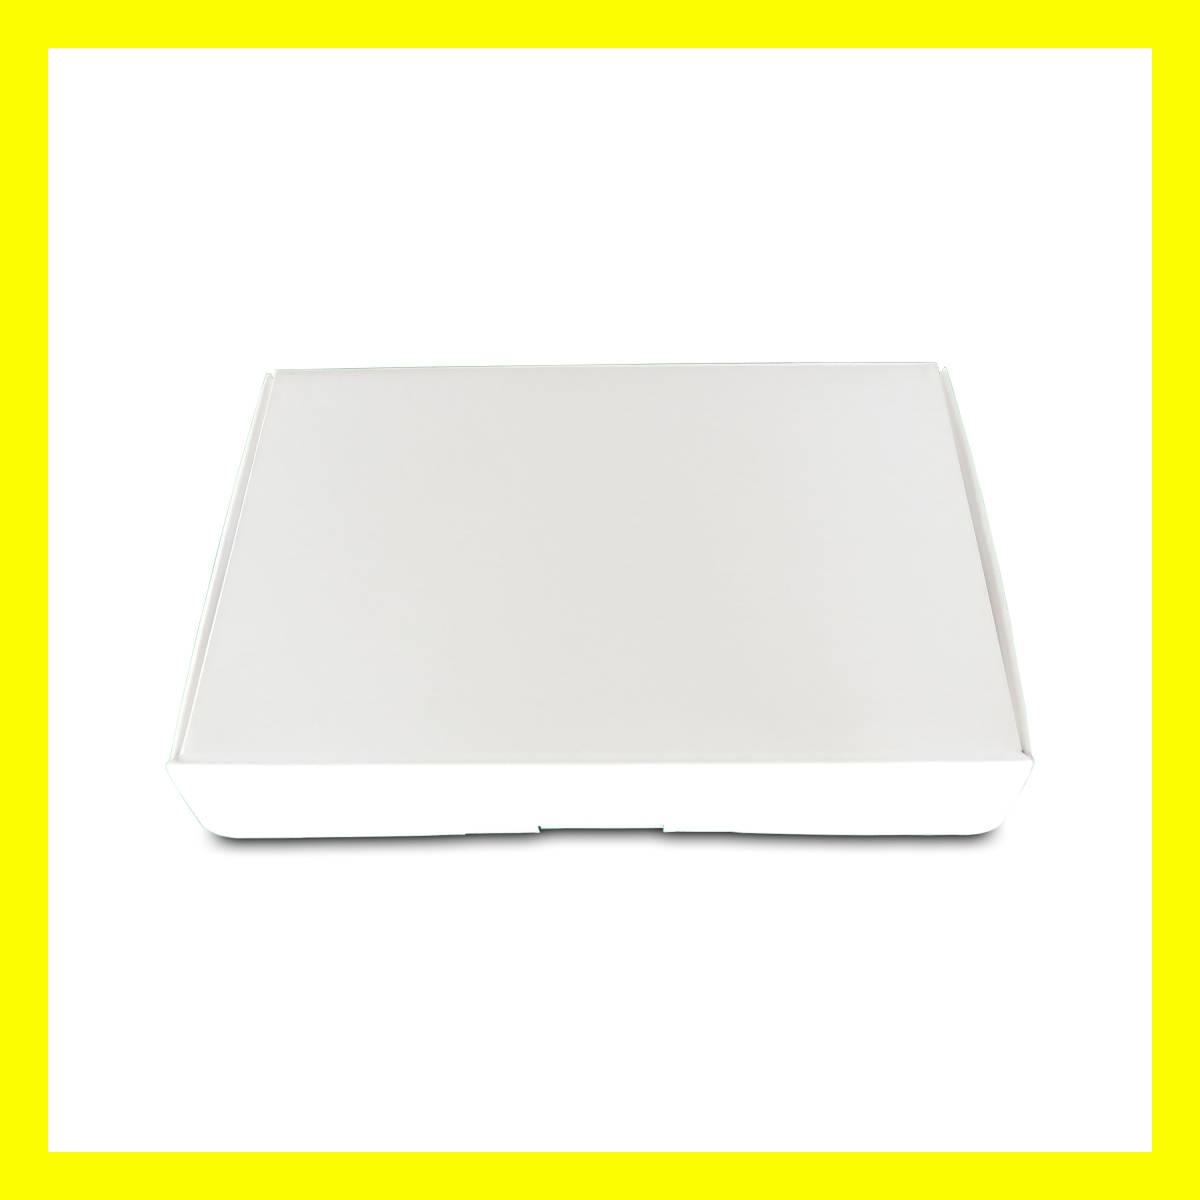 任天堂 3DS 開発用実機 - Dev Kit Test Unit PANDA_画像6